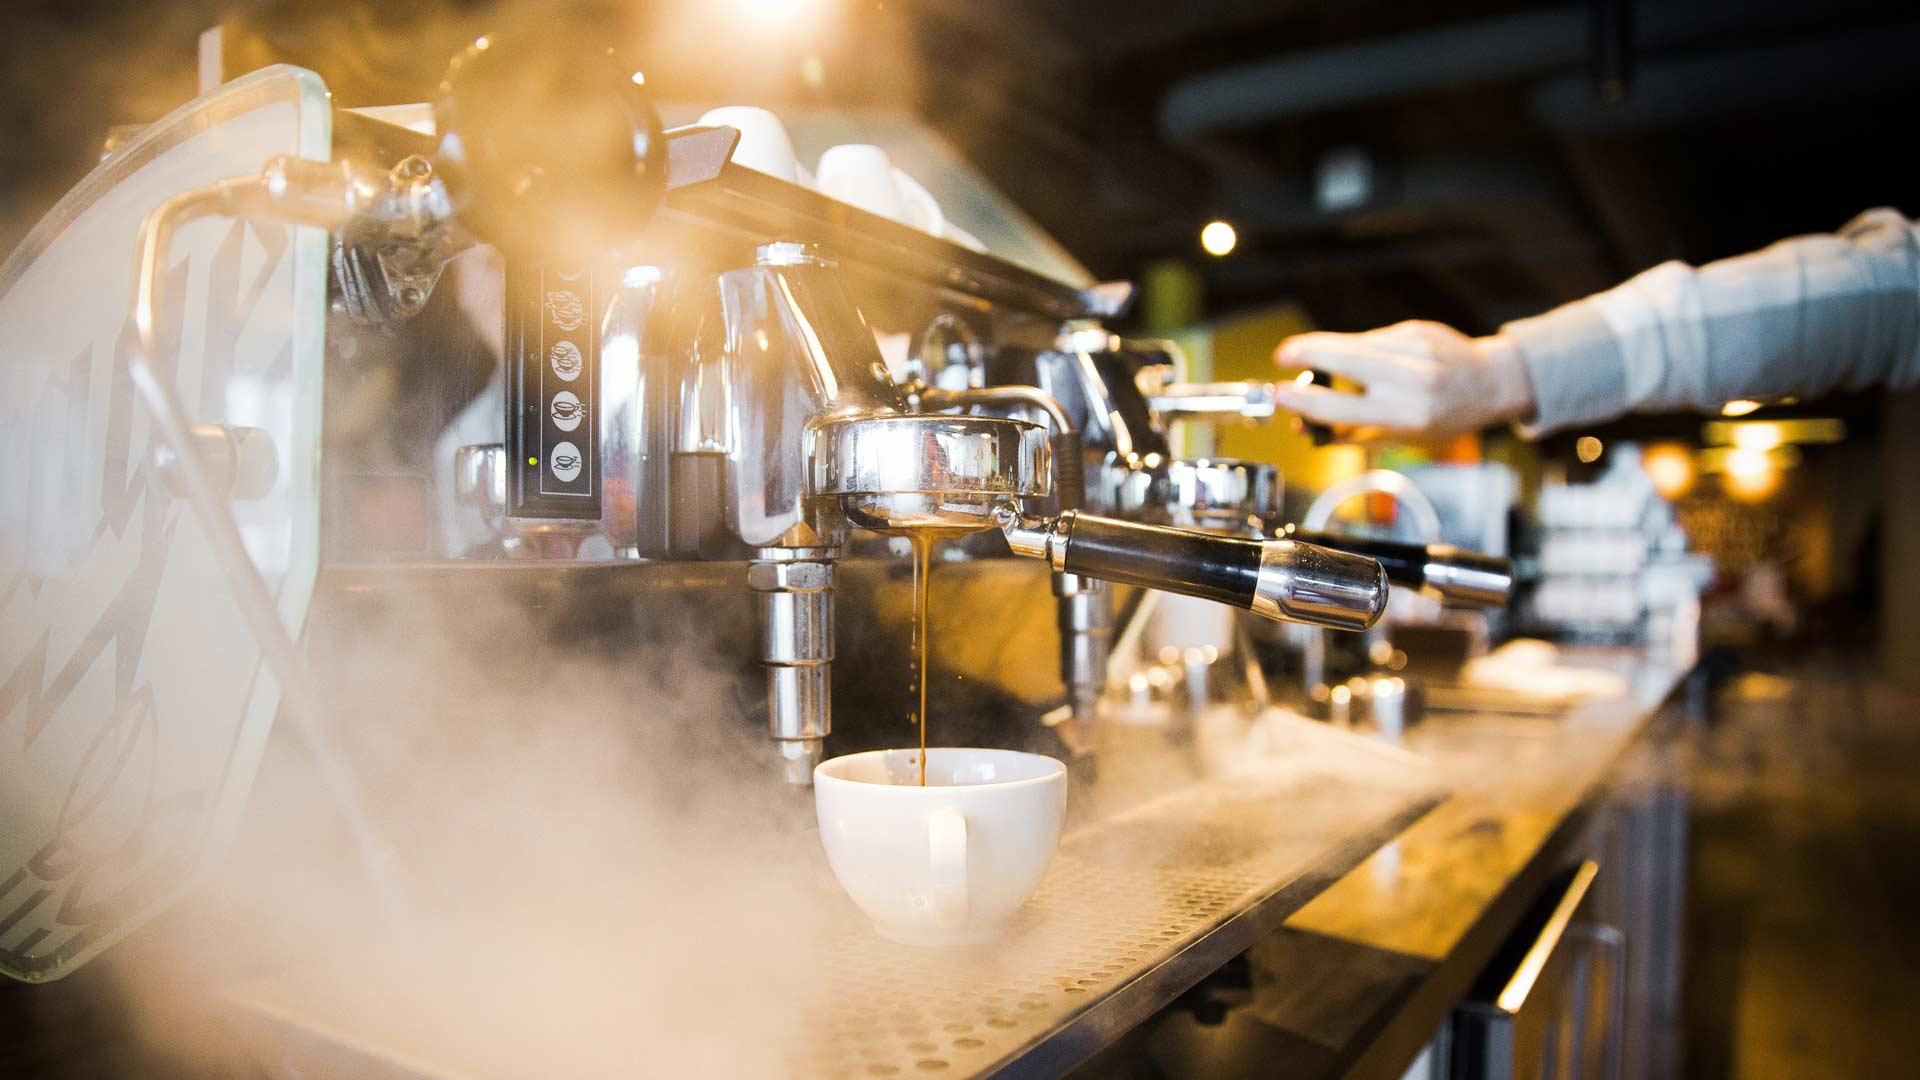 Sinnesfreunde-full-service-kaffeebaar-maschine